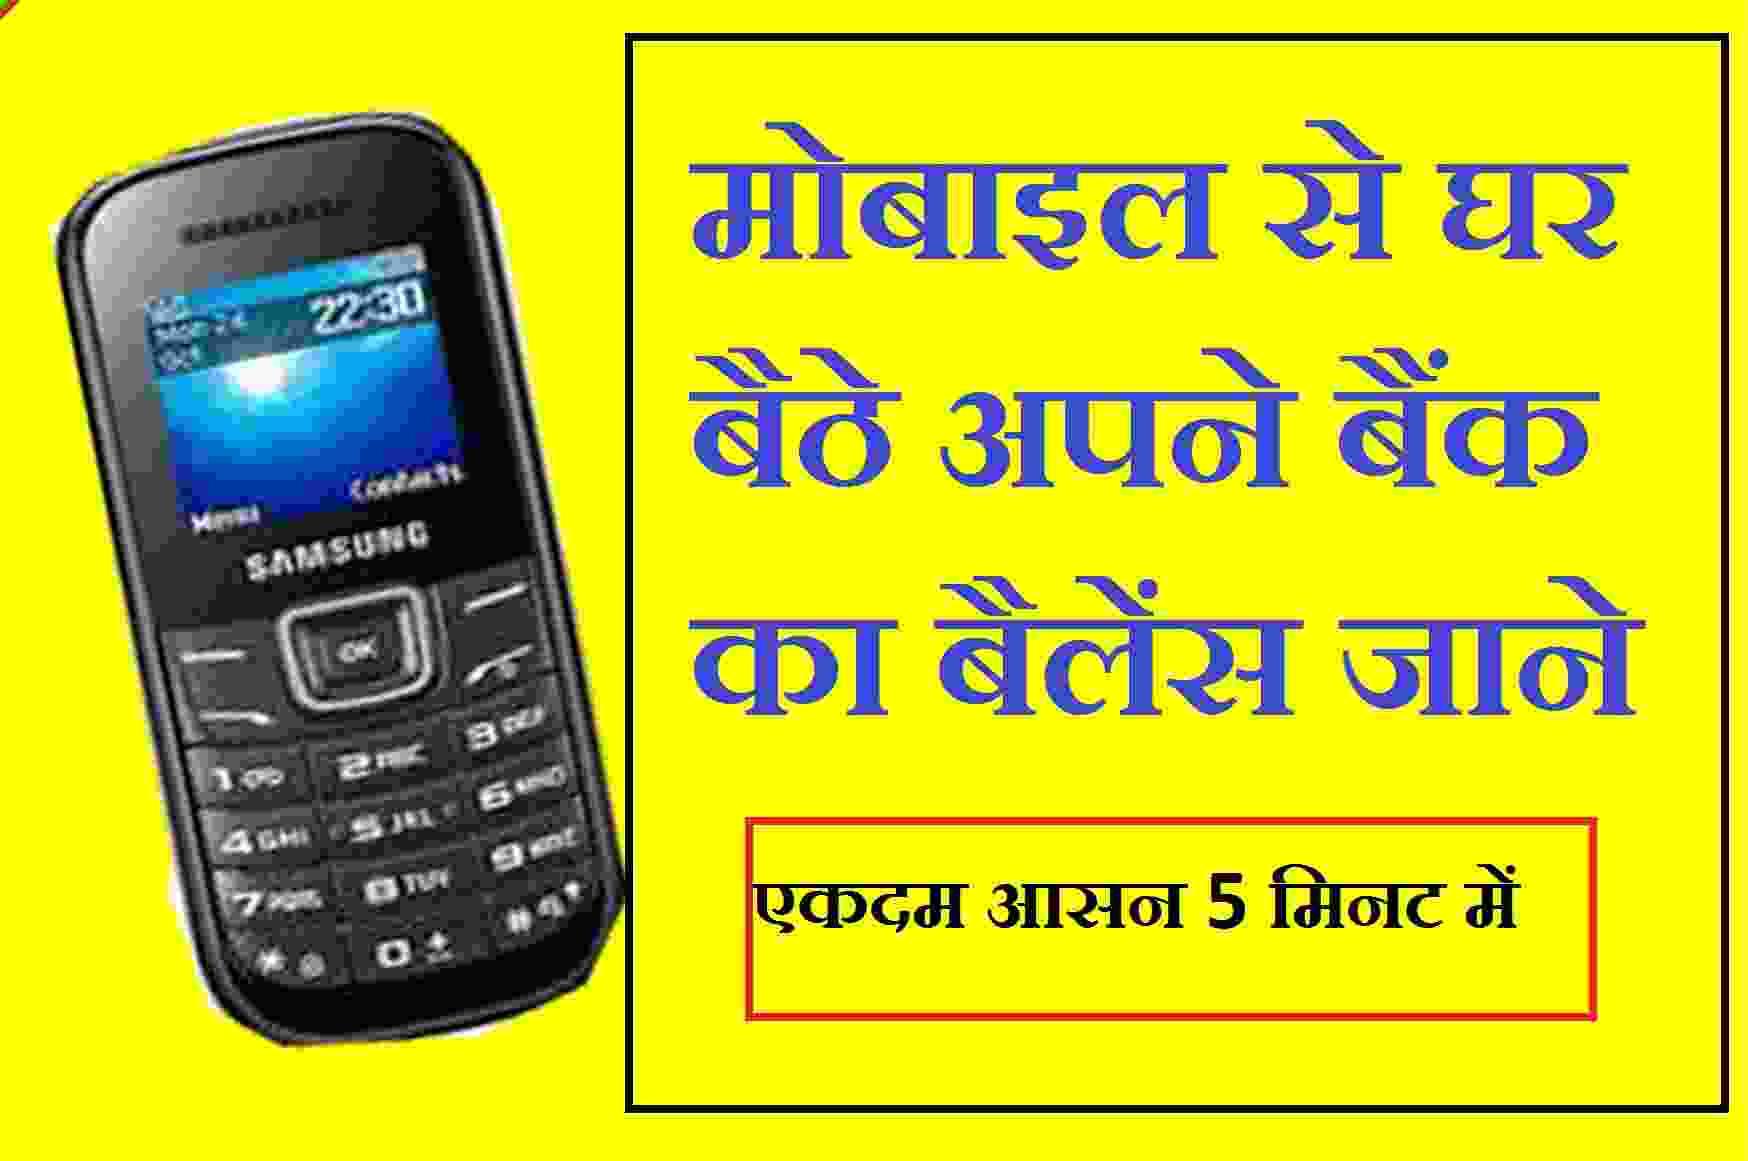 mobile se bank balance check kare